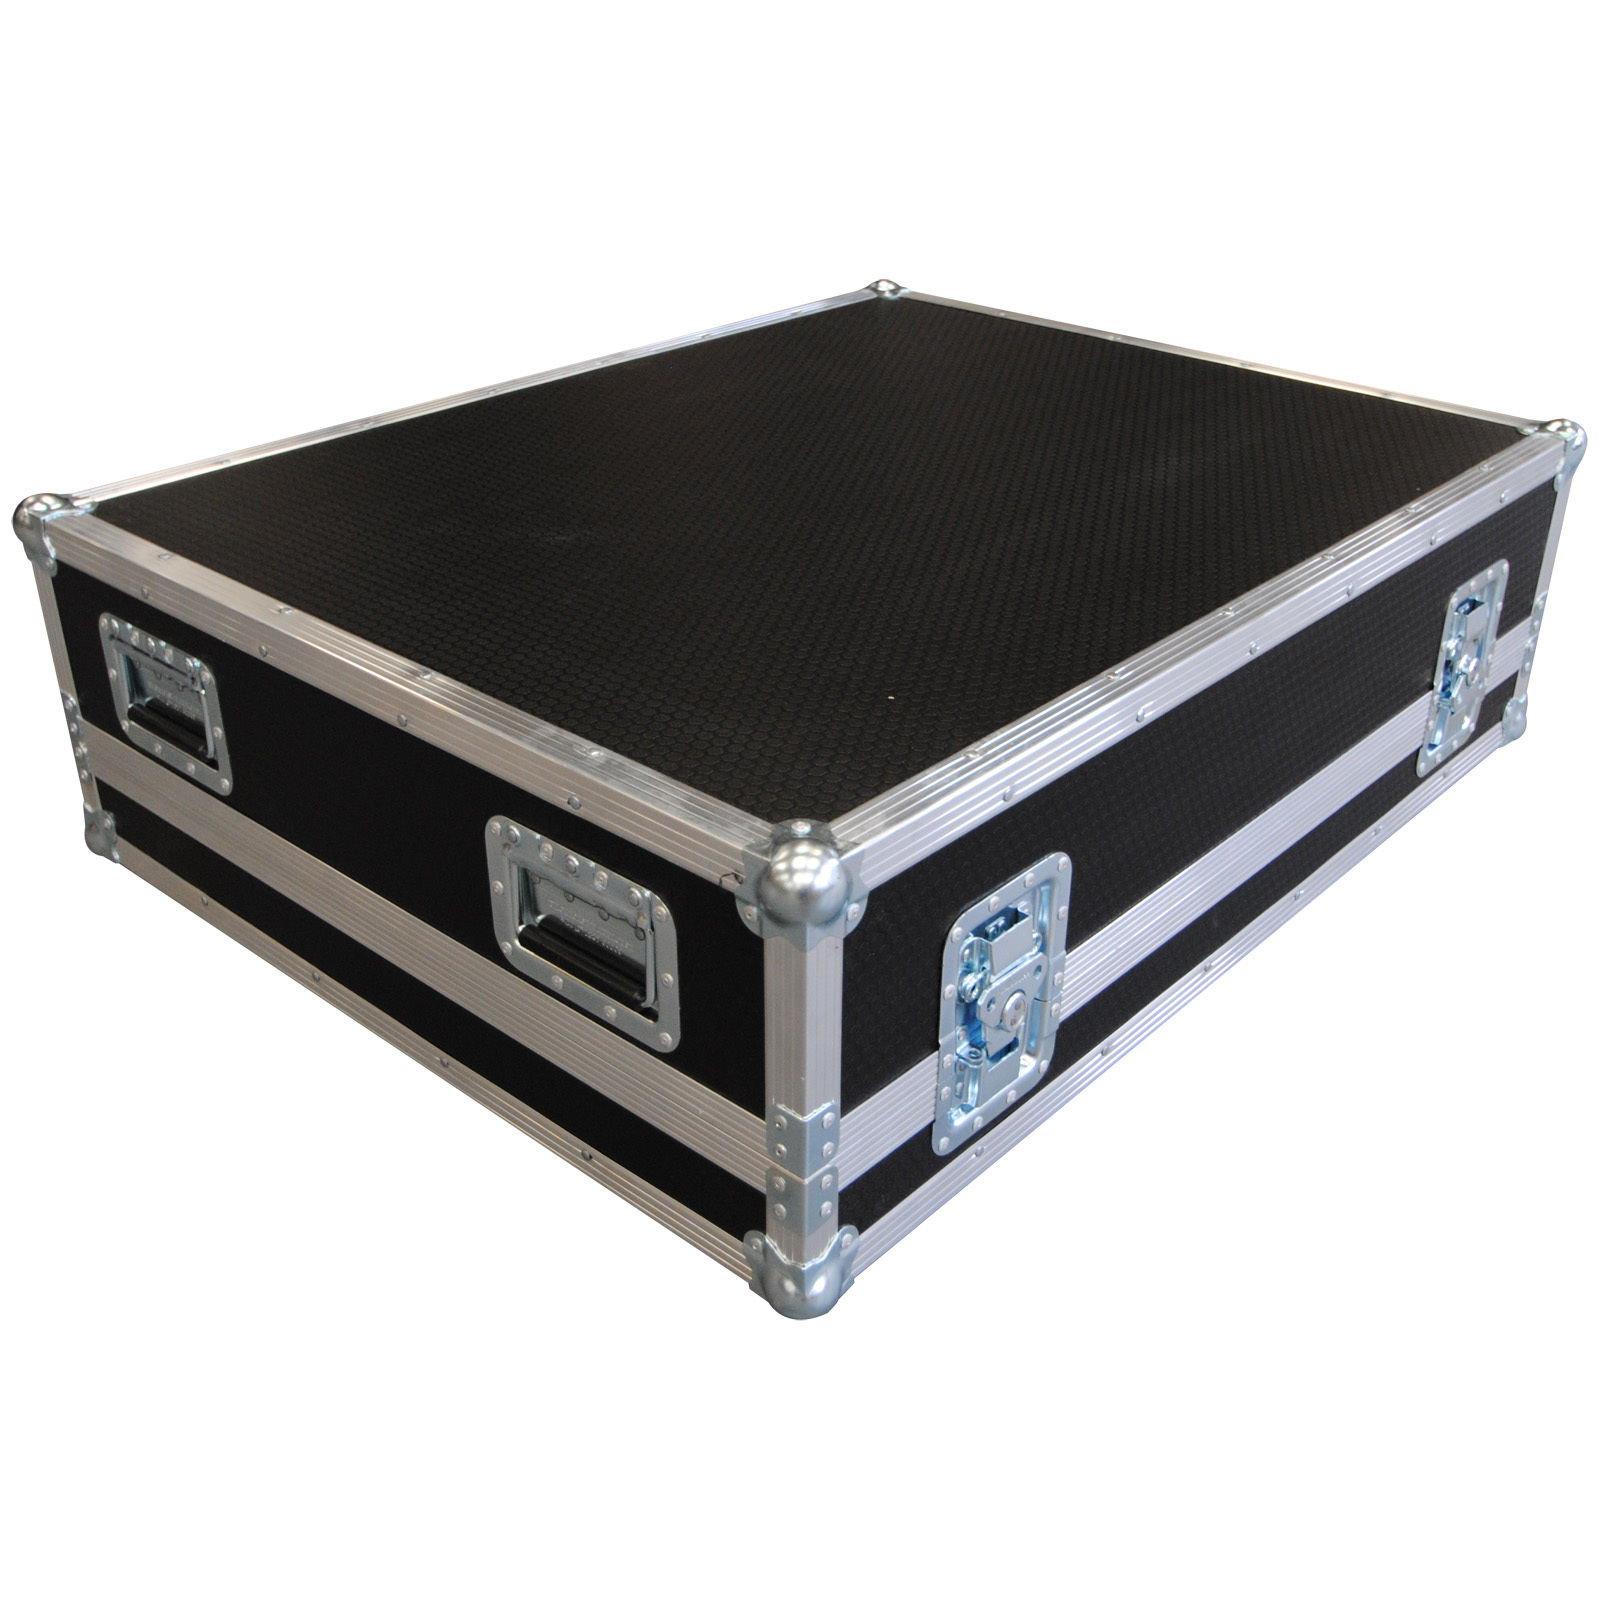 tascam dm 4800 mixer flight case. Black Bedroom Furniture Sets. Home Design Ideas